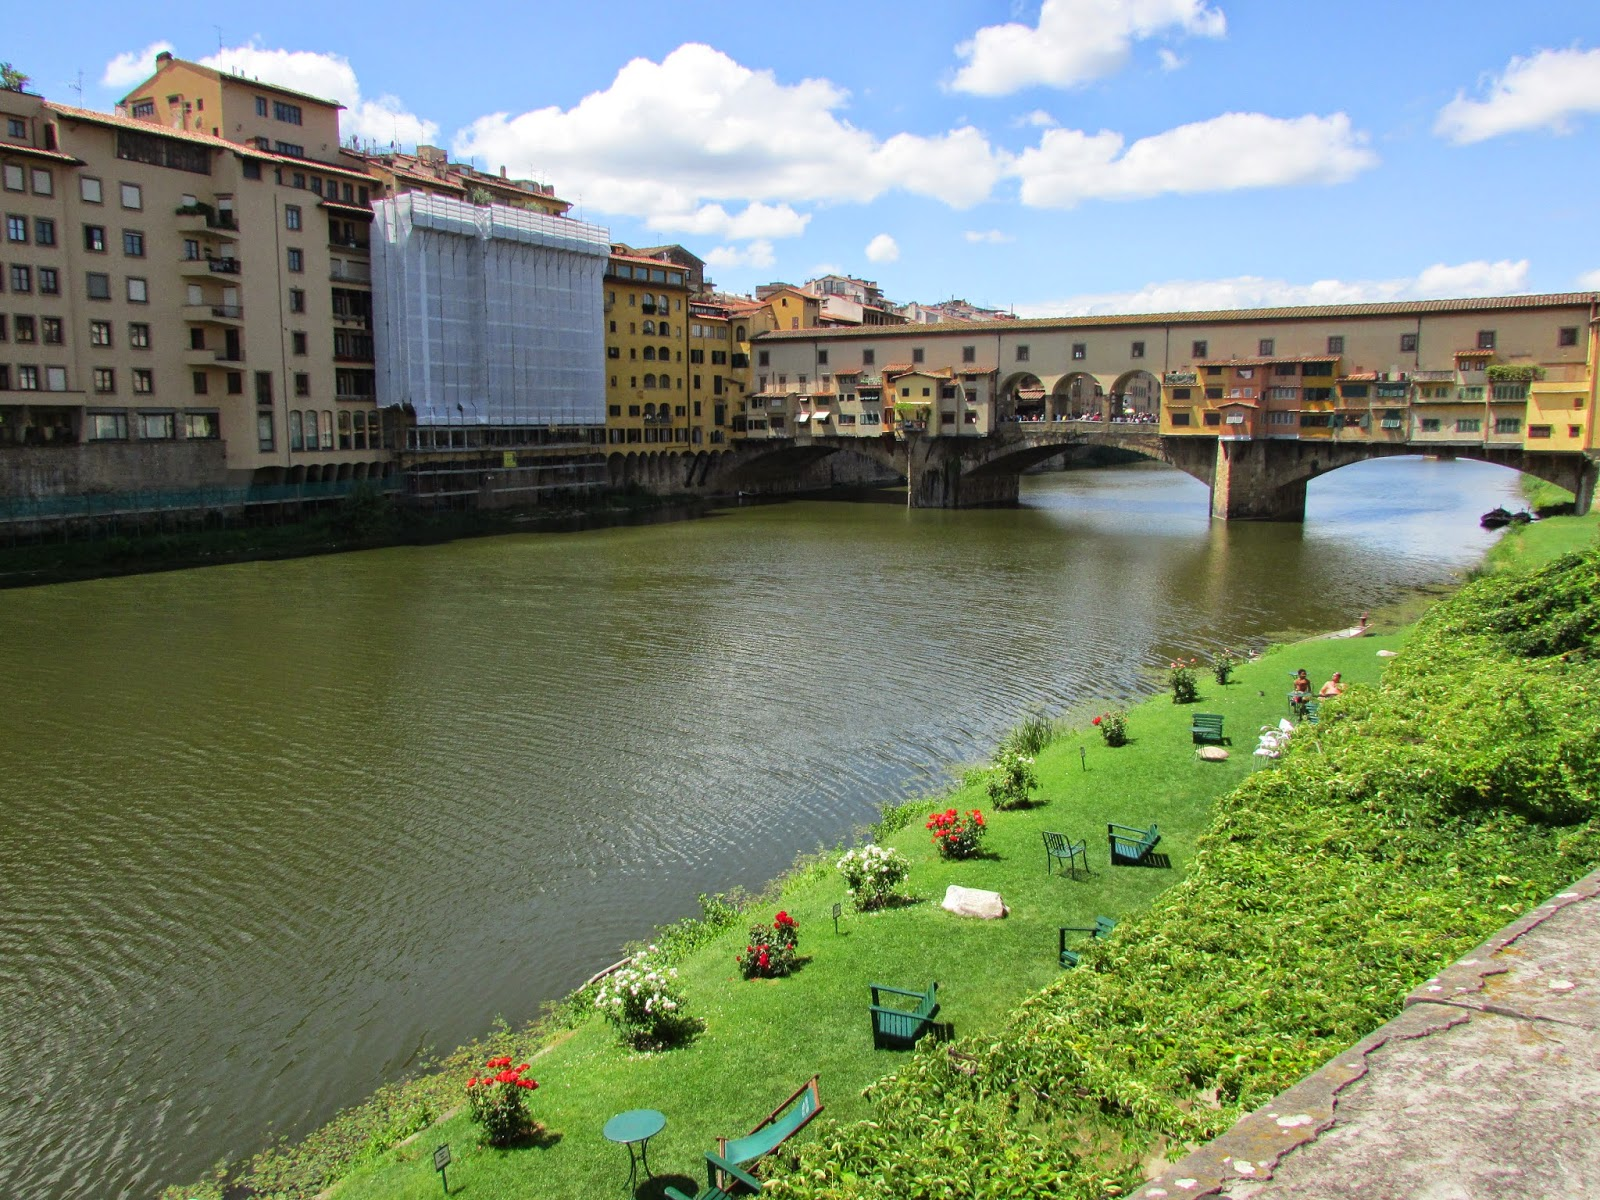 Ponte Vecchio, Itália, Florença, Firenze, Europa, férias, dicas, turismo, Florence